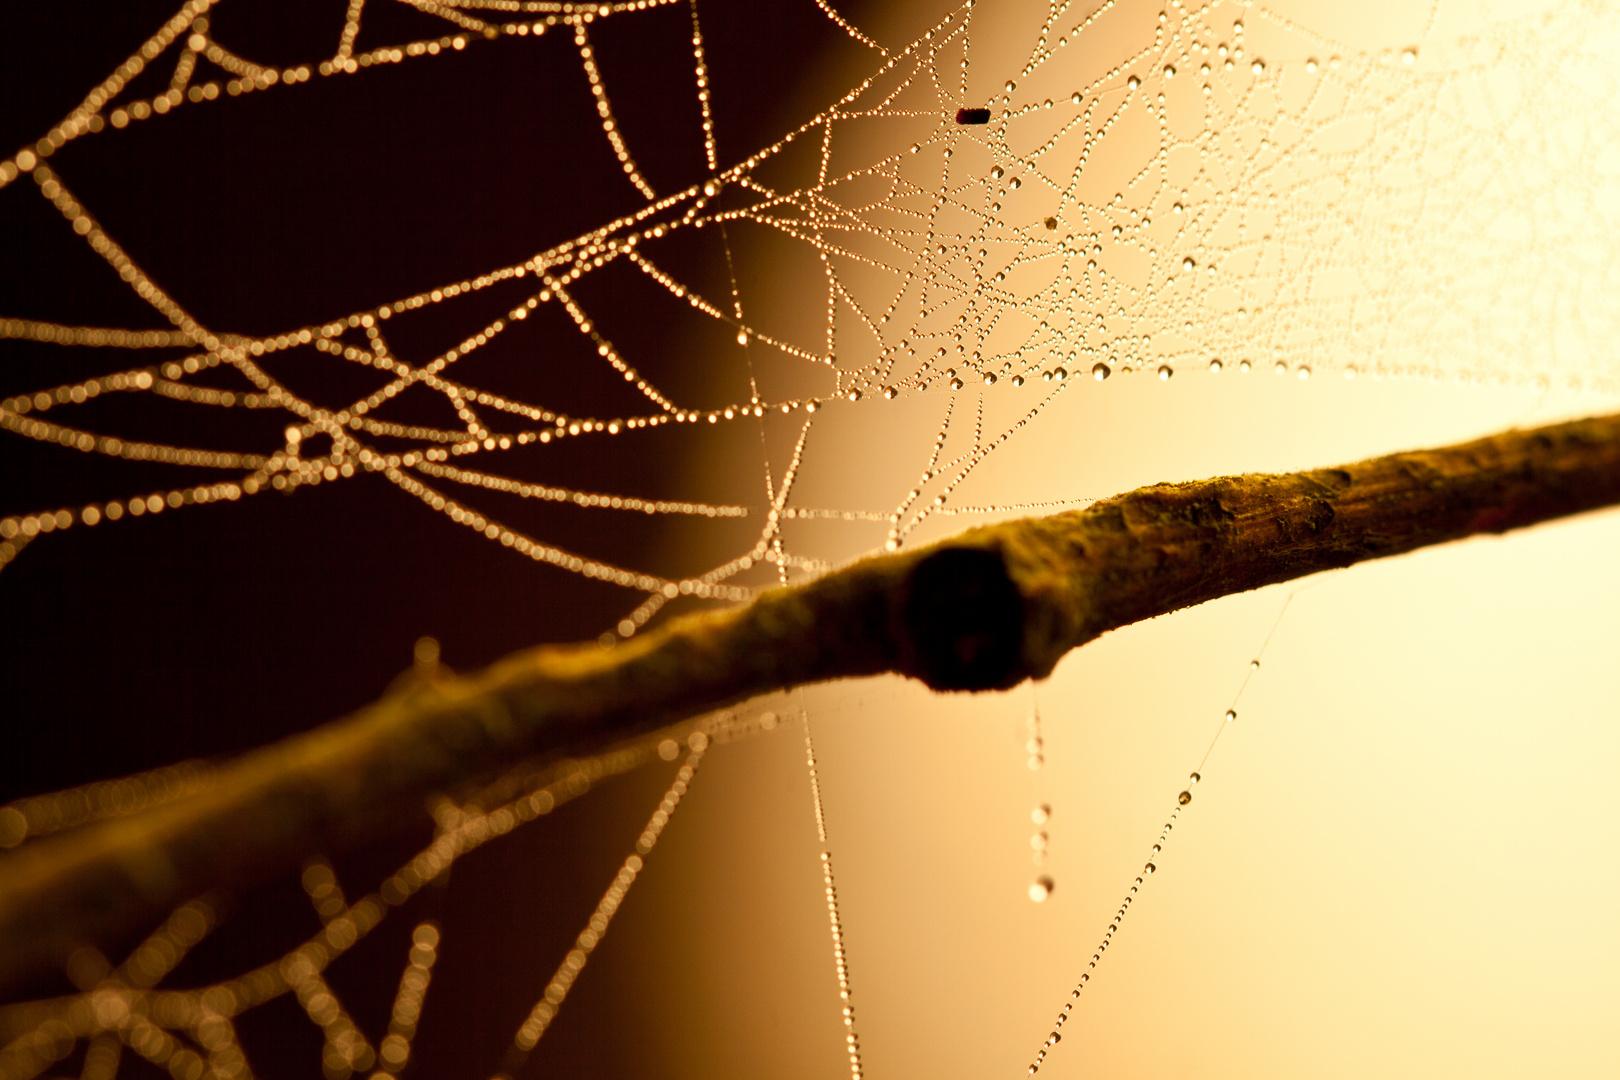 Tau auf Spinnennetz im Sonnenaufgang